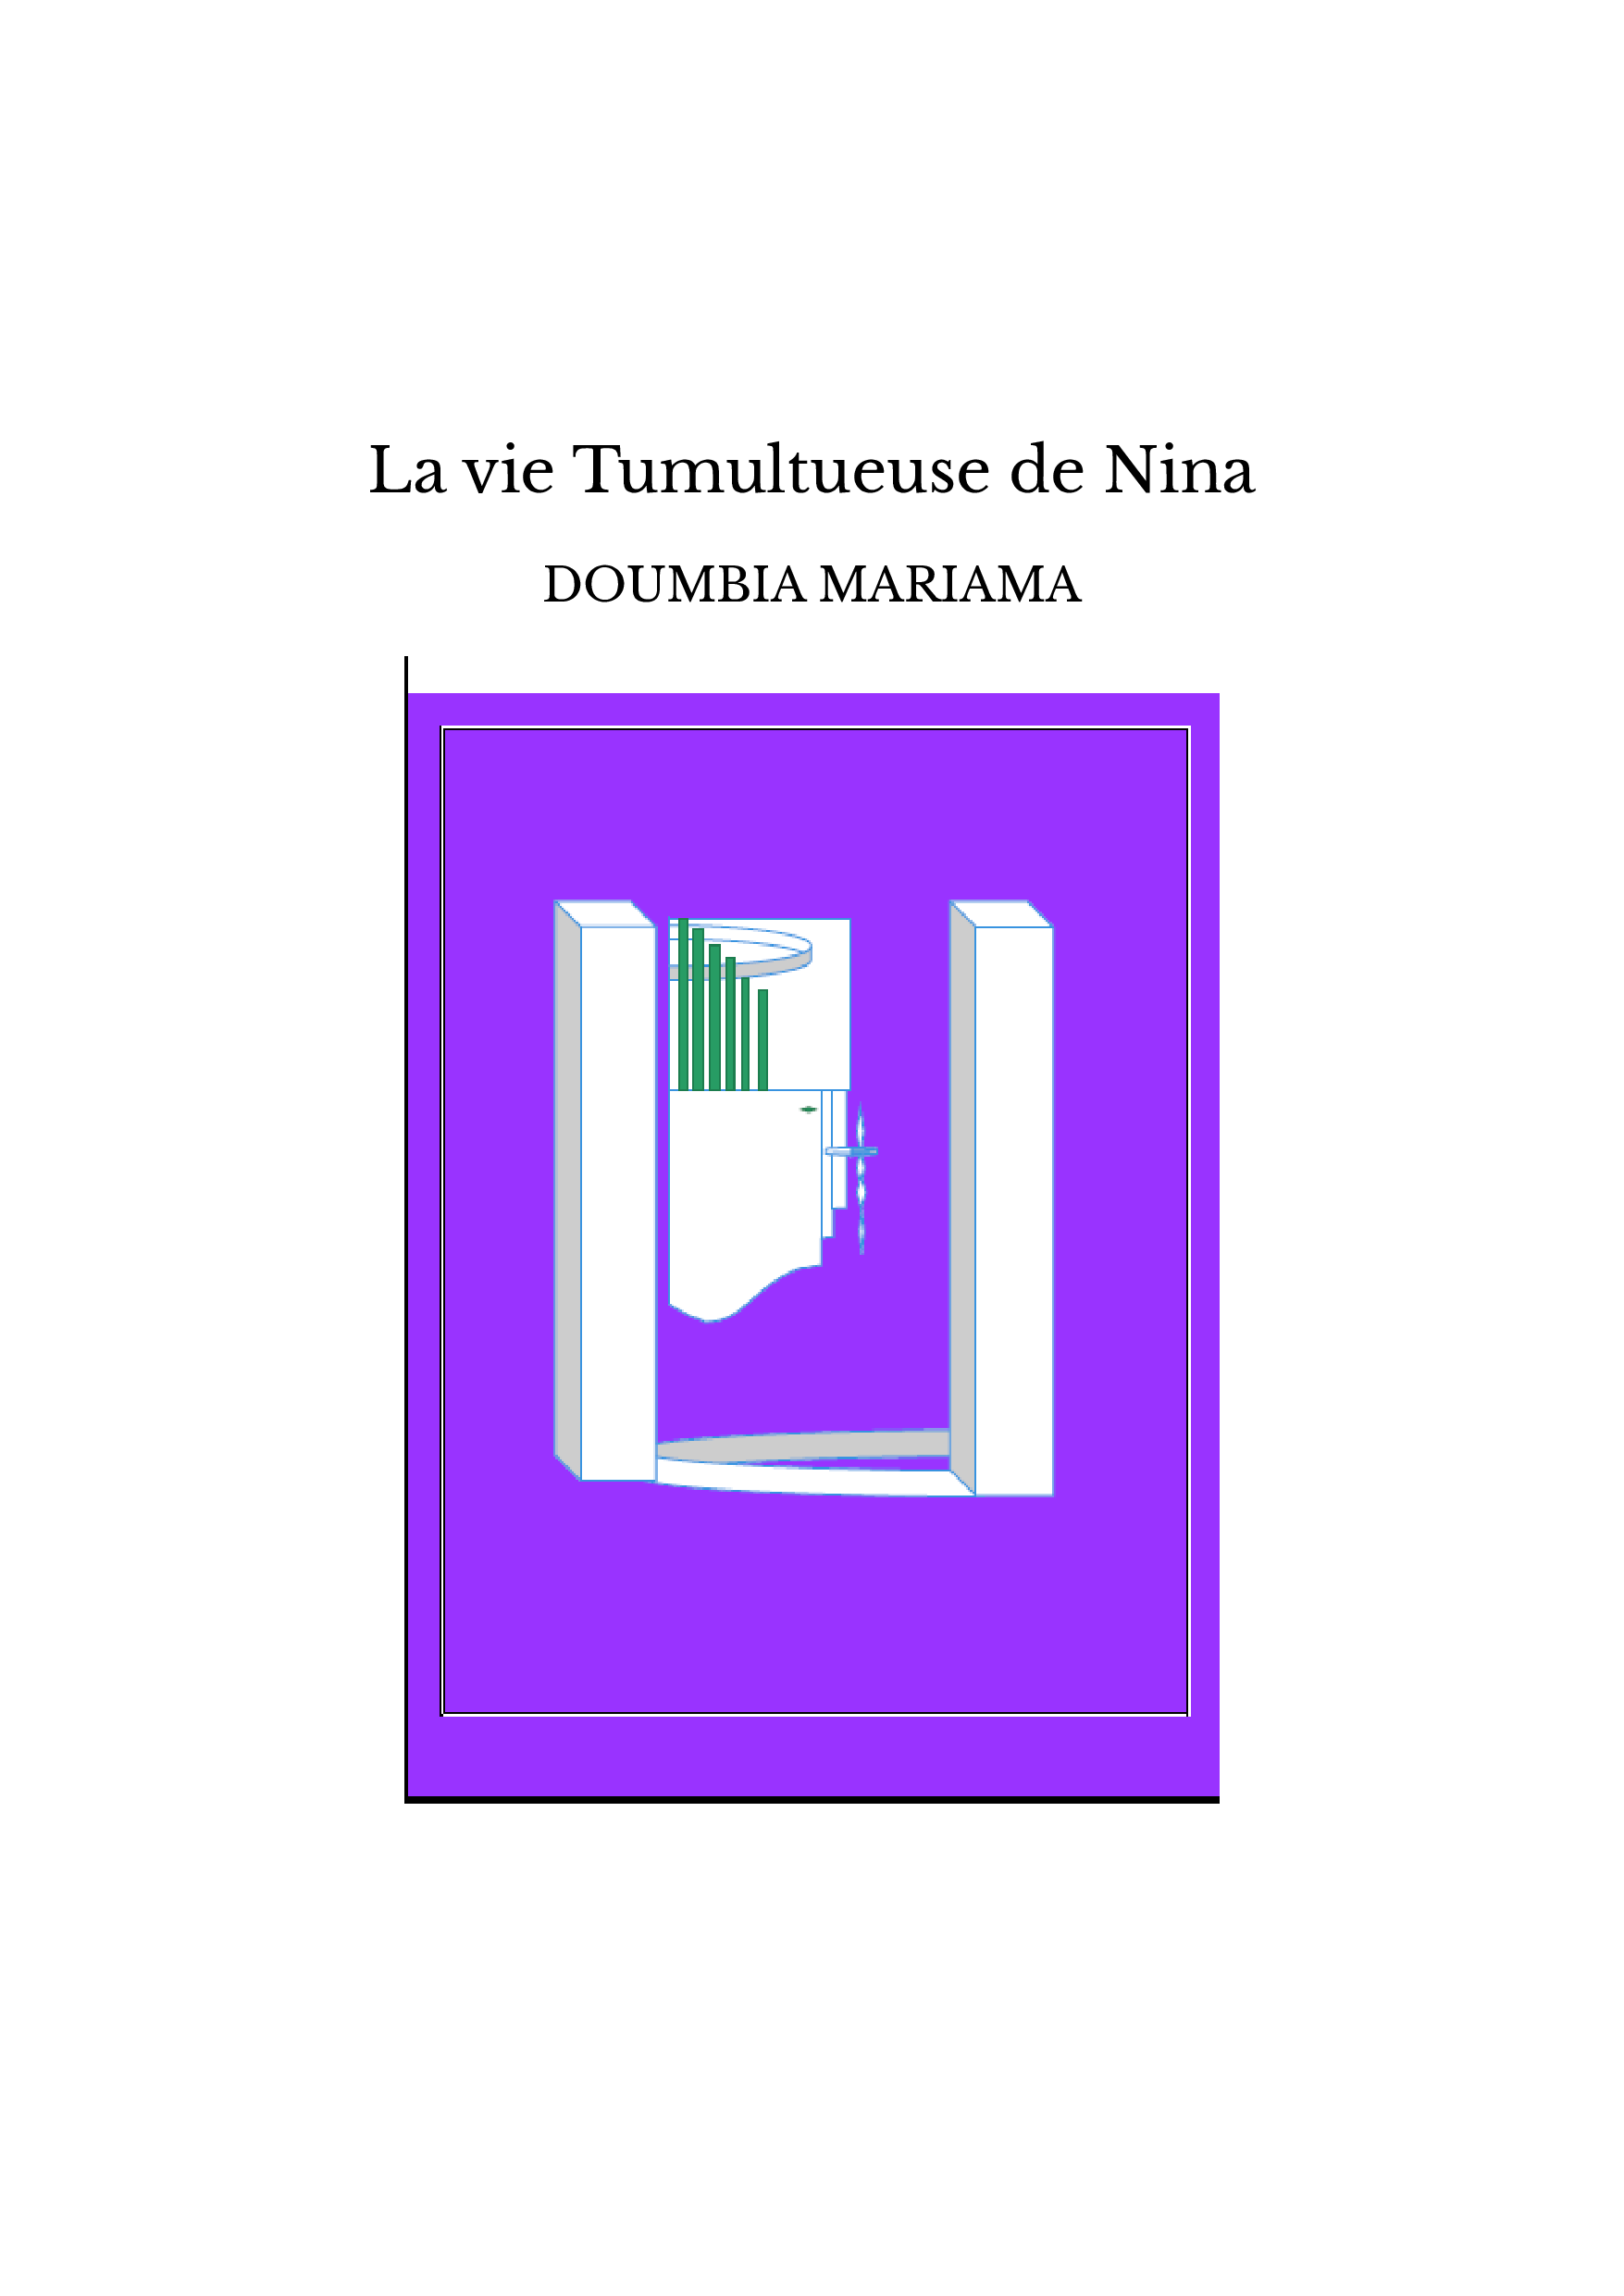 La vie Tumultueuse de Nina